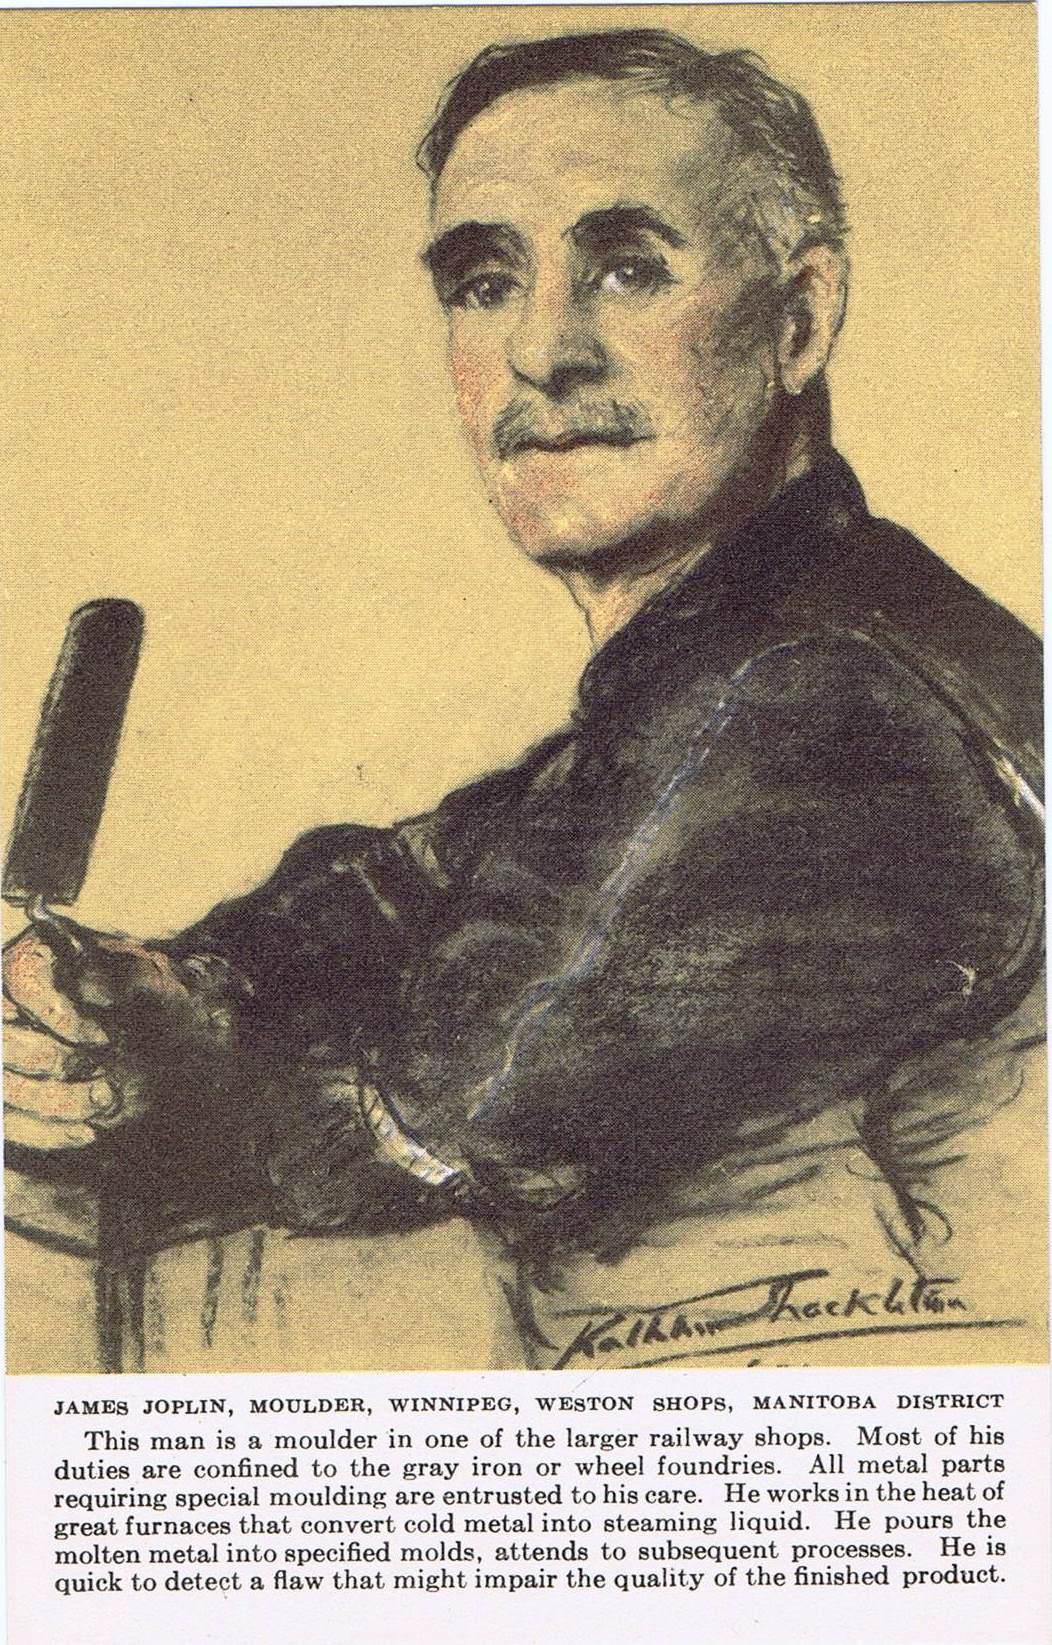 2D -James Joplin, moulder, Winnipeg, Weston Shops